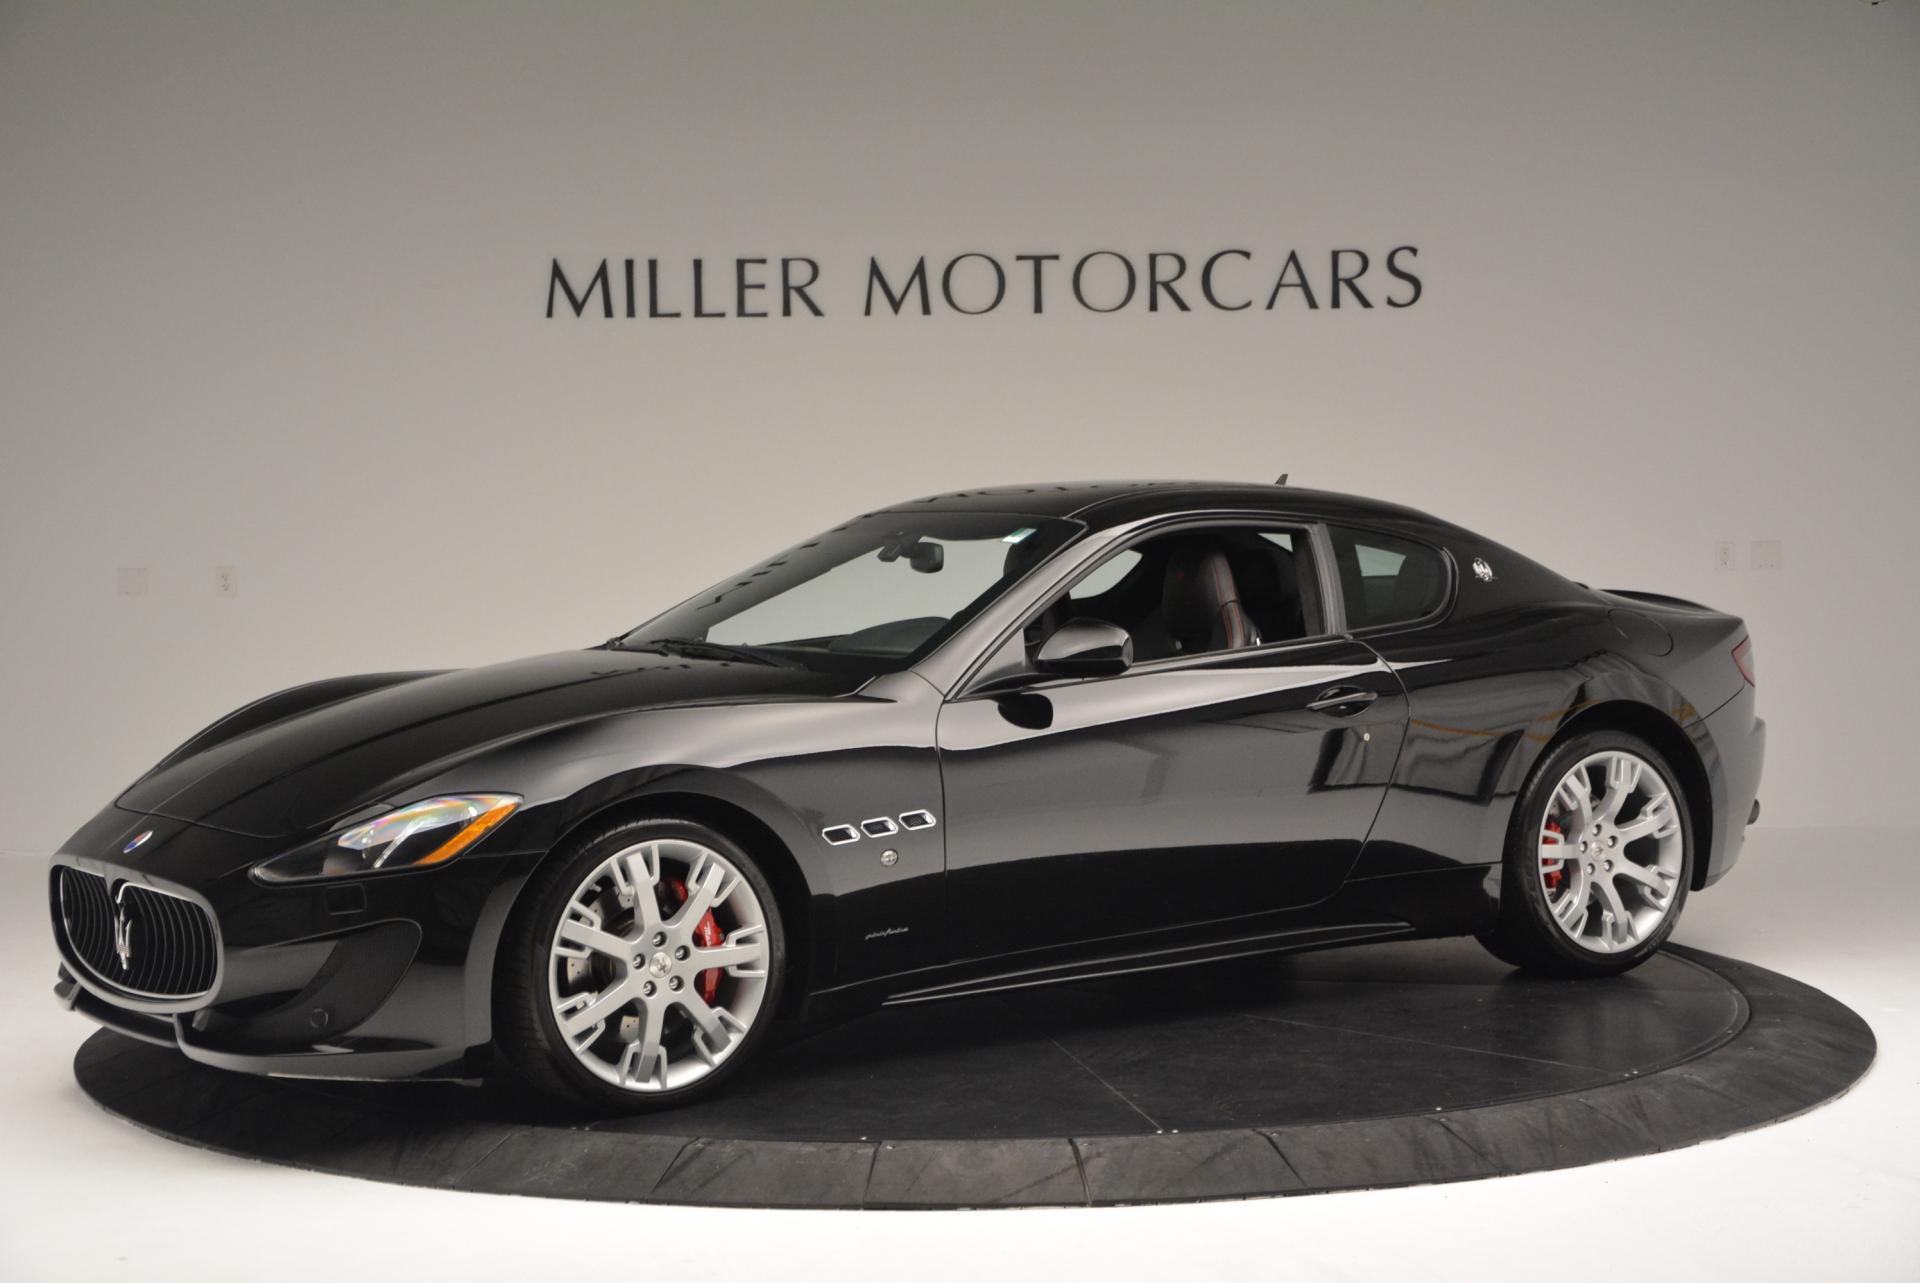 Used 2013 Maserati GranTurismo Sport For Sale In Greenwich, CT. Alfa Romeo of Greenwich, 1264 46_p2